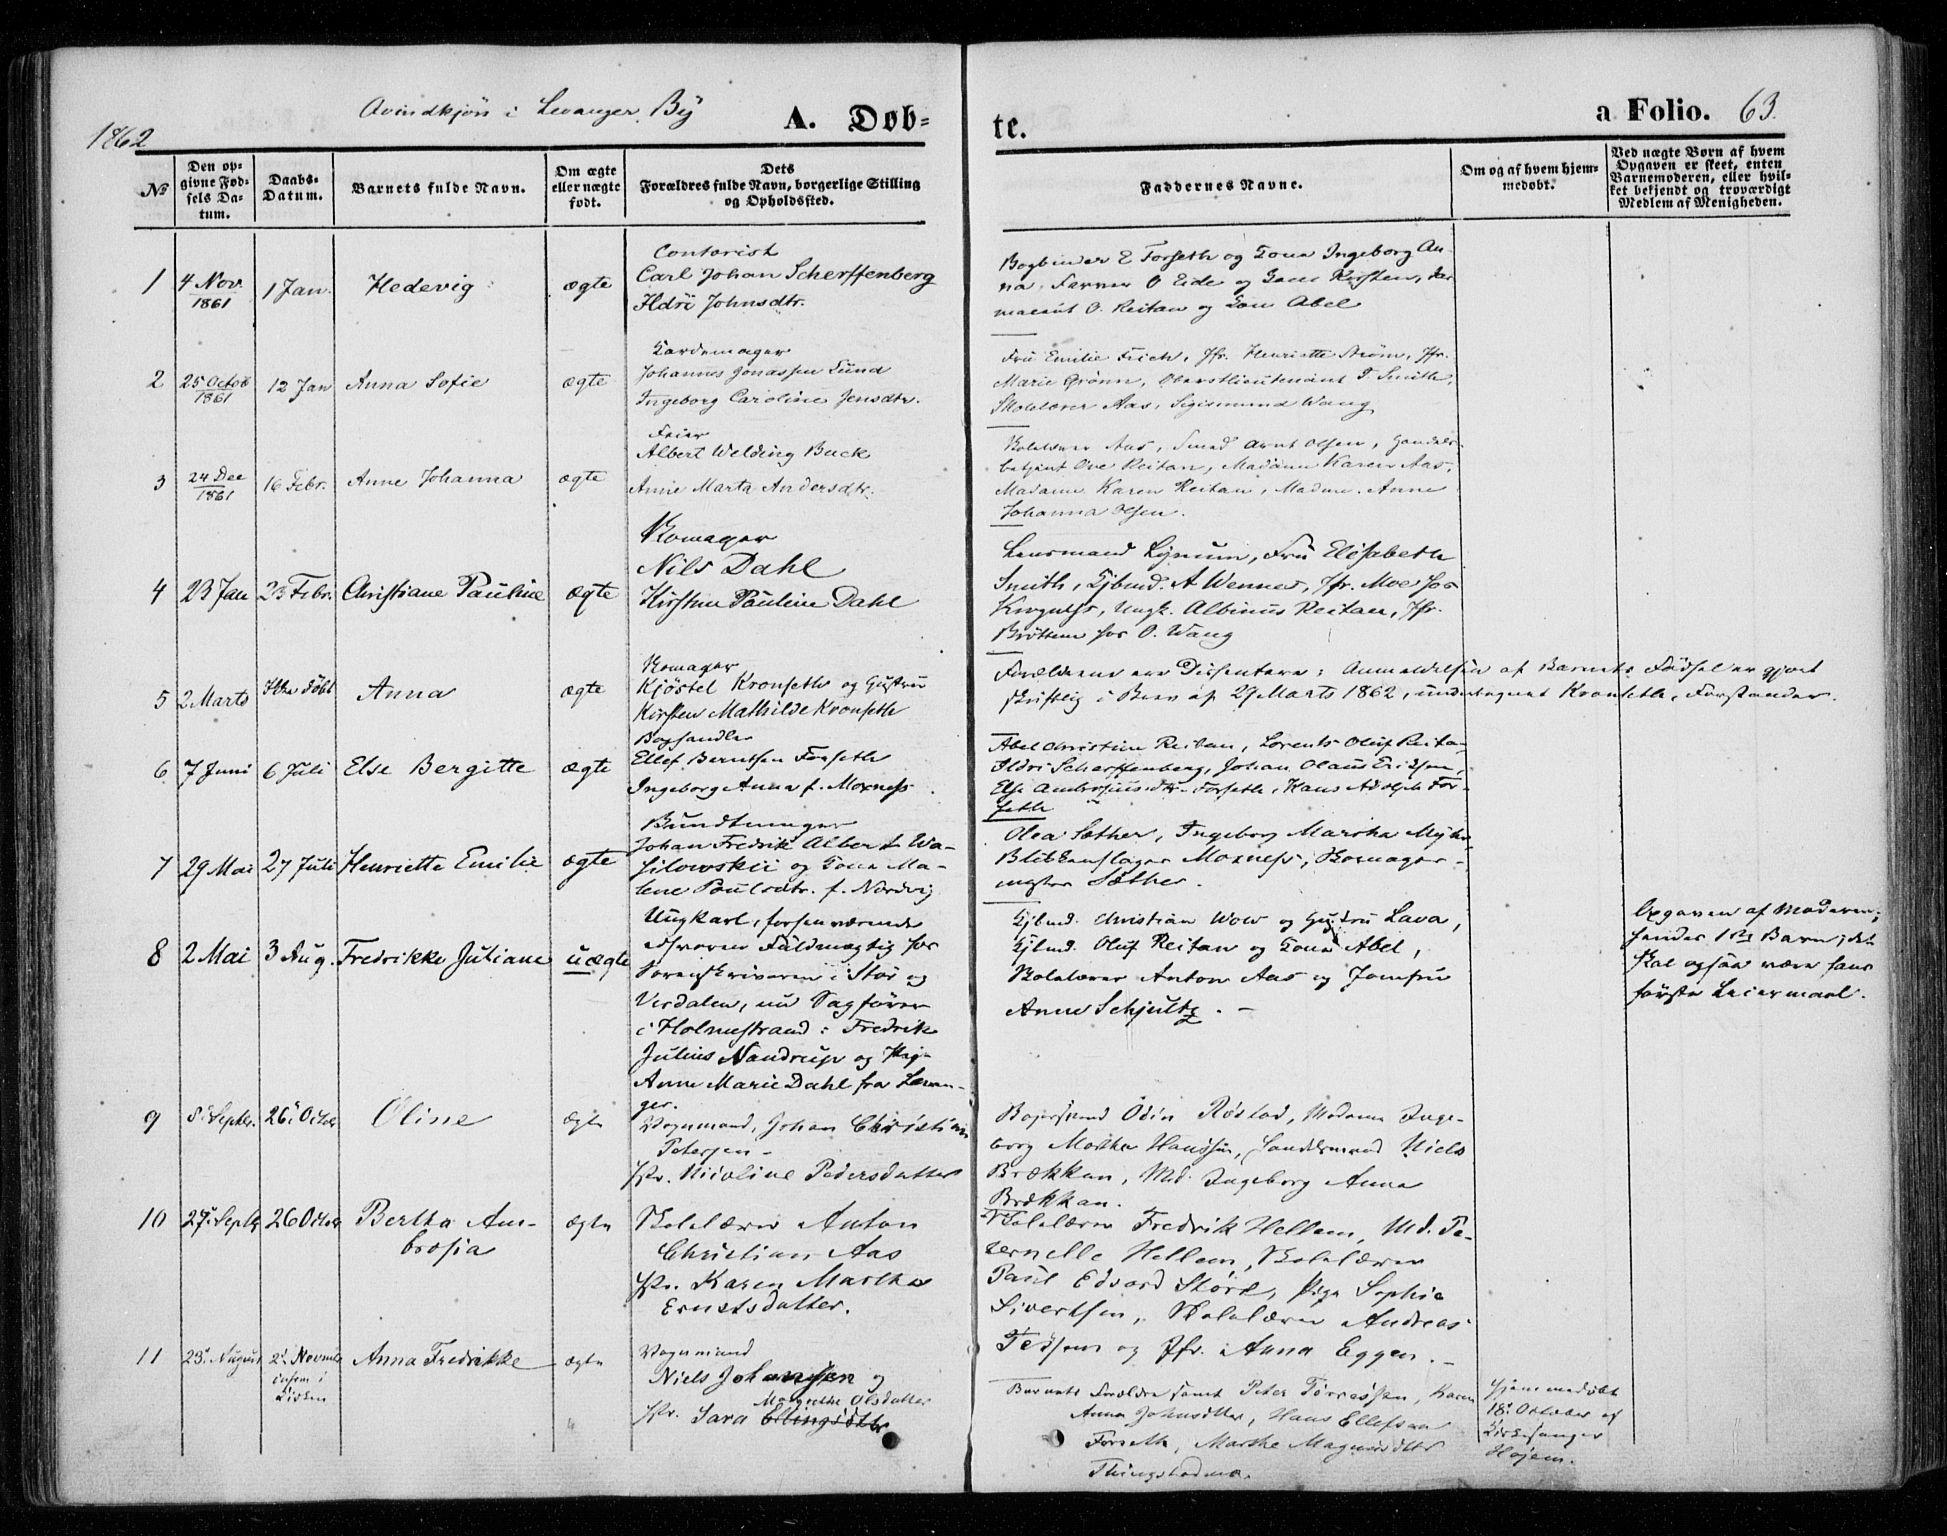 SAT, Ministerialprotokoller, klokkerbøker og fødselsregistre - Nord-Trøndelag, 720/L0184: Ministerialbok nr. 720A02 /1, 1855-1863, s. 63